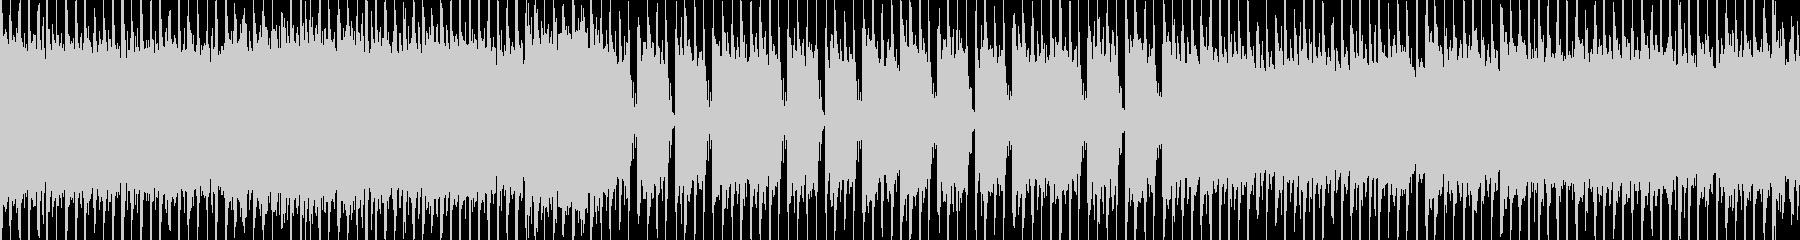 爽やか/アコースティックギター ループ版の未再生の波形